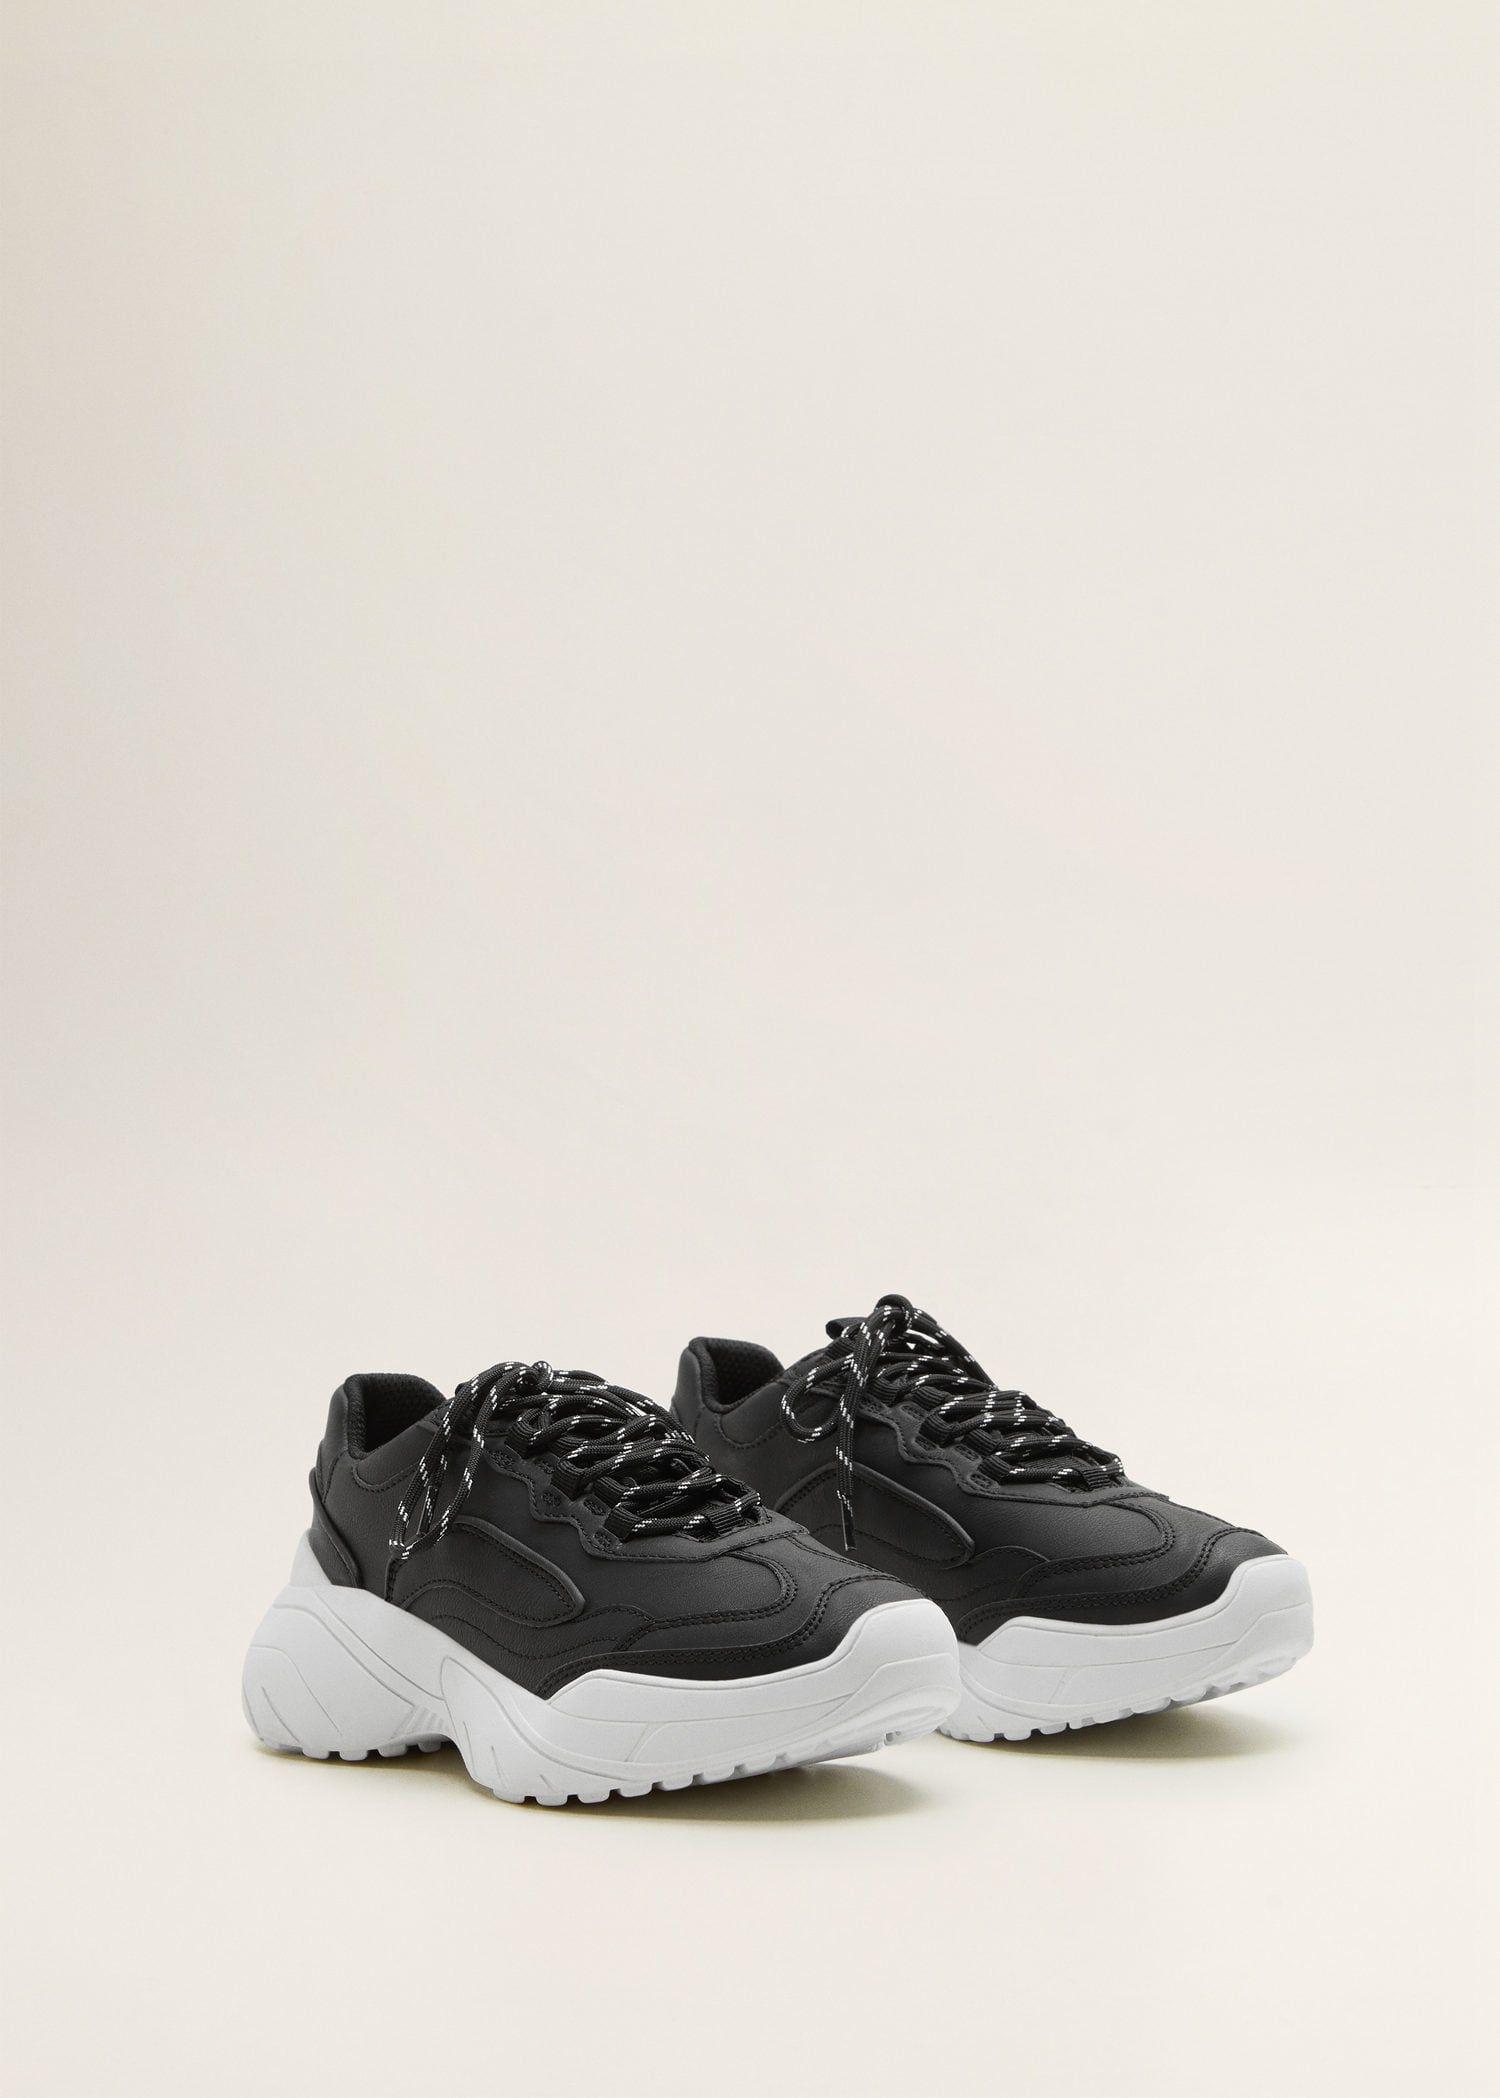 6a96c77967 Deportivas suela contraste - Mujer en 2019 | Zapatos deportivos ...